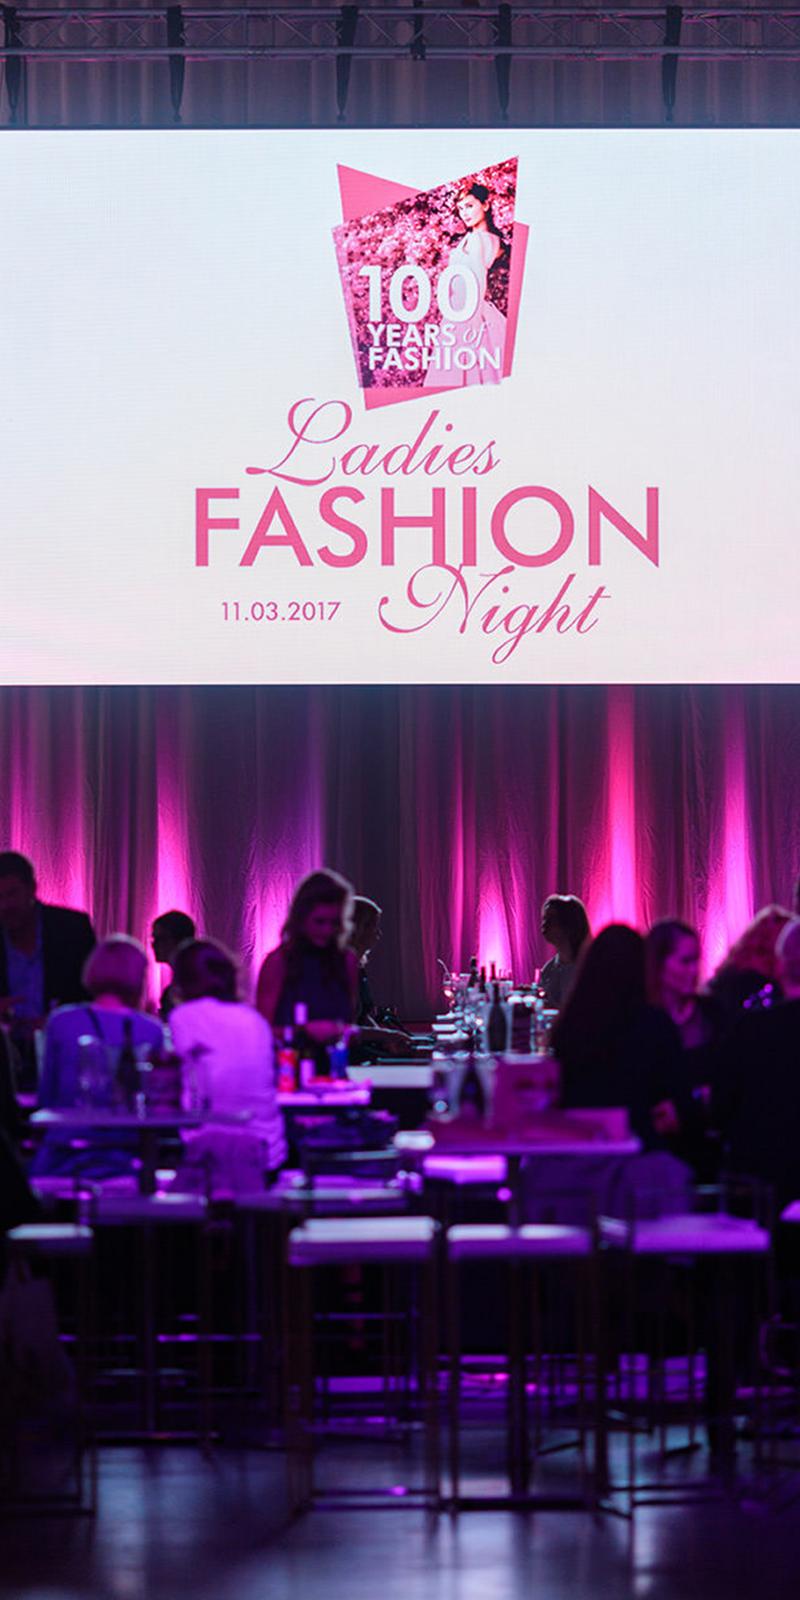 ladies-fashion-night-17-16x8-2